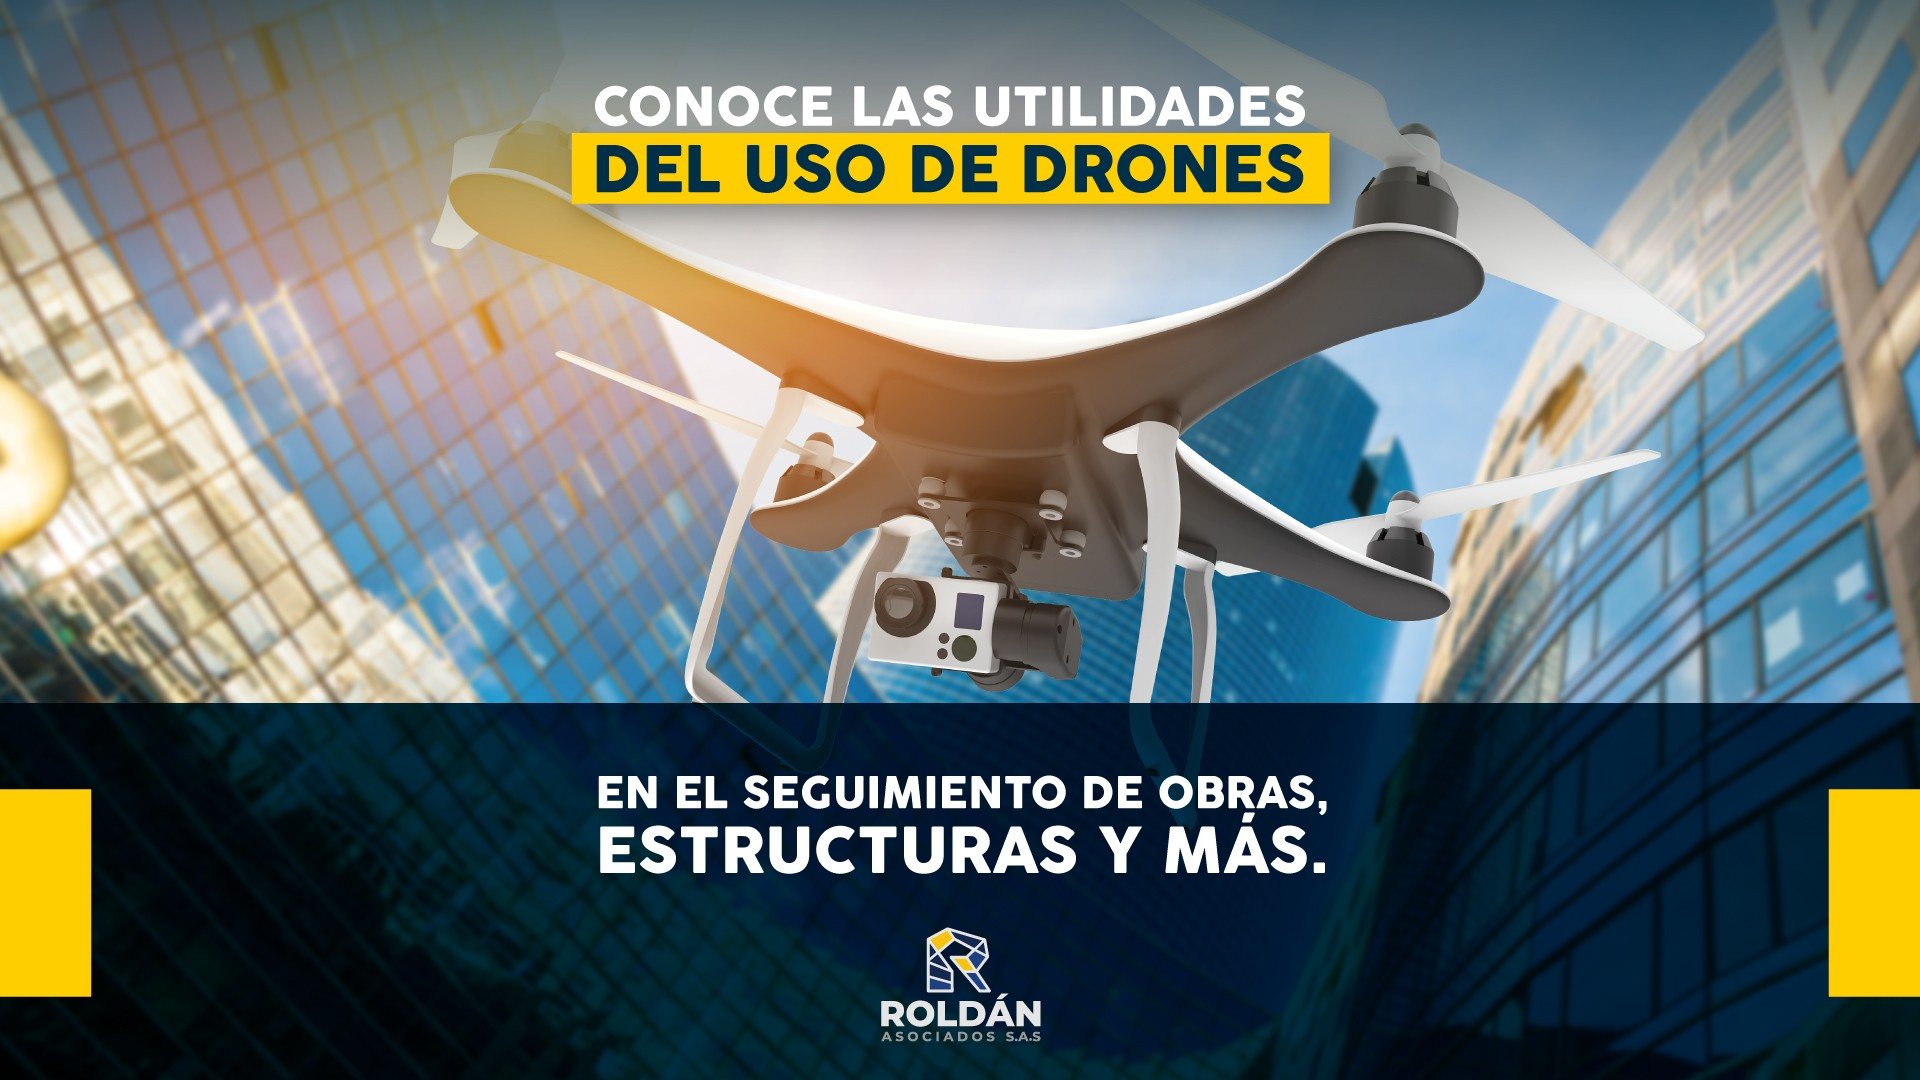 Conoce las utilidades del uso de drones en el seguimiento de obras, estructuras y más